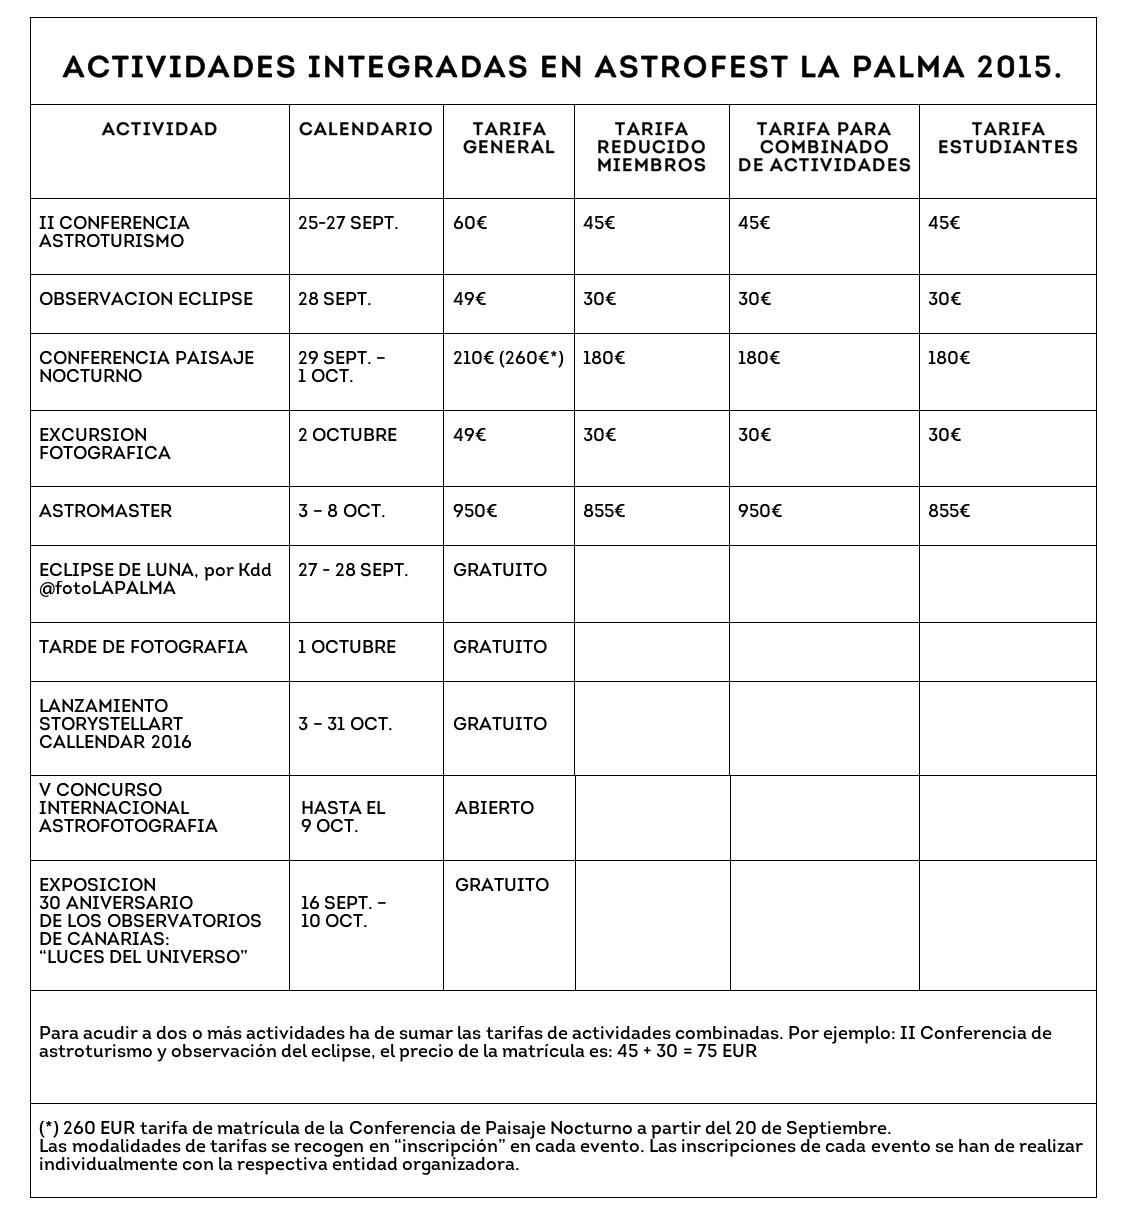 preciosActividades-astrofestlapalma2015